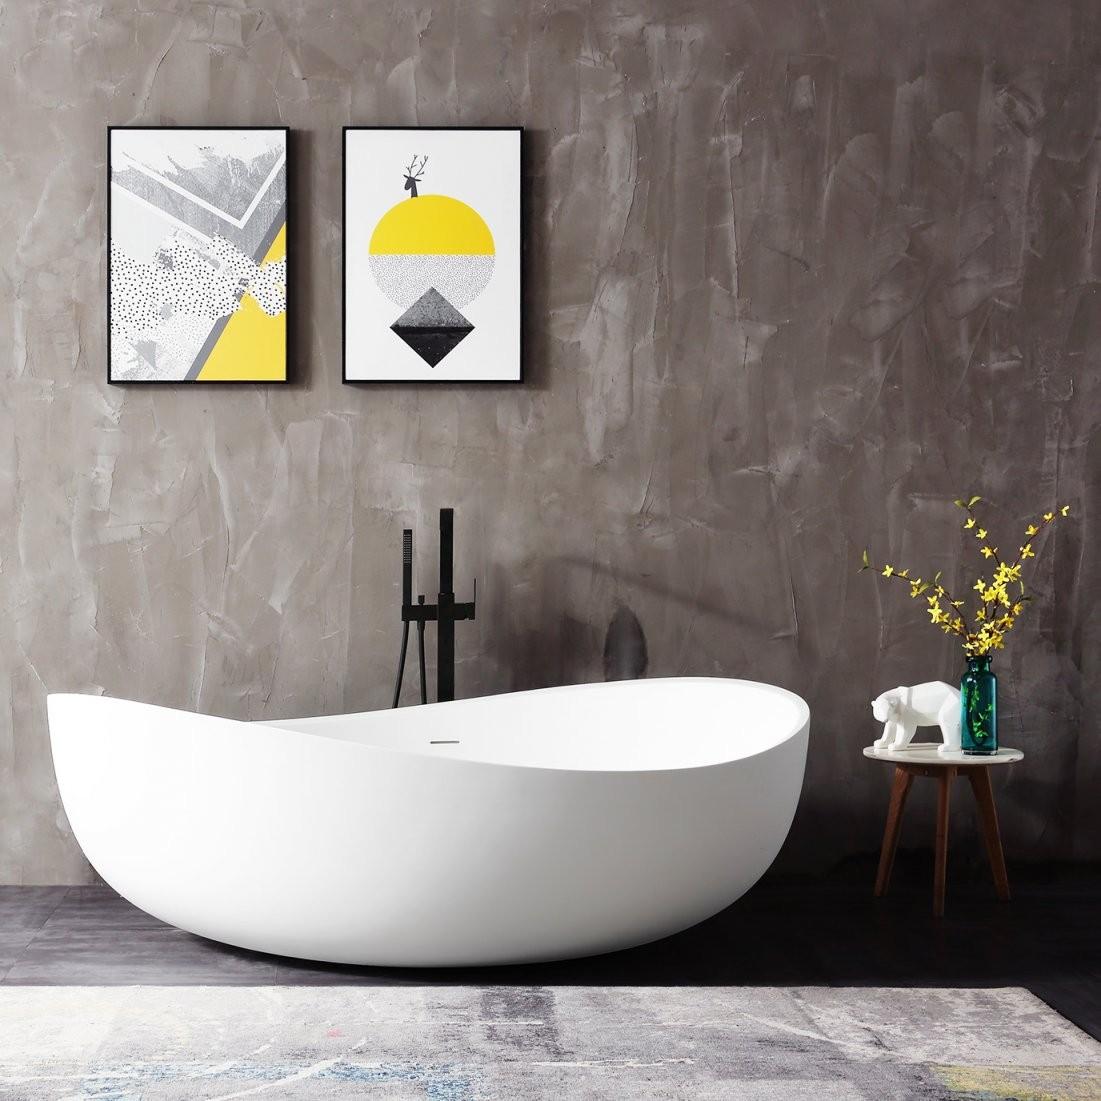 Freistehende Badewanne Aus Mineralguss Wave Stone Weiß  180 X 110 von Freistehende Badewanne Mineralguss Oder Acryl Bild